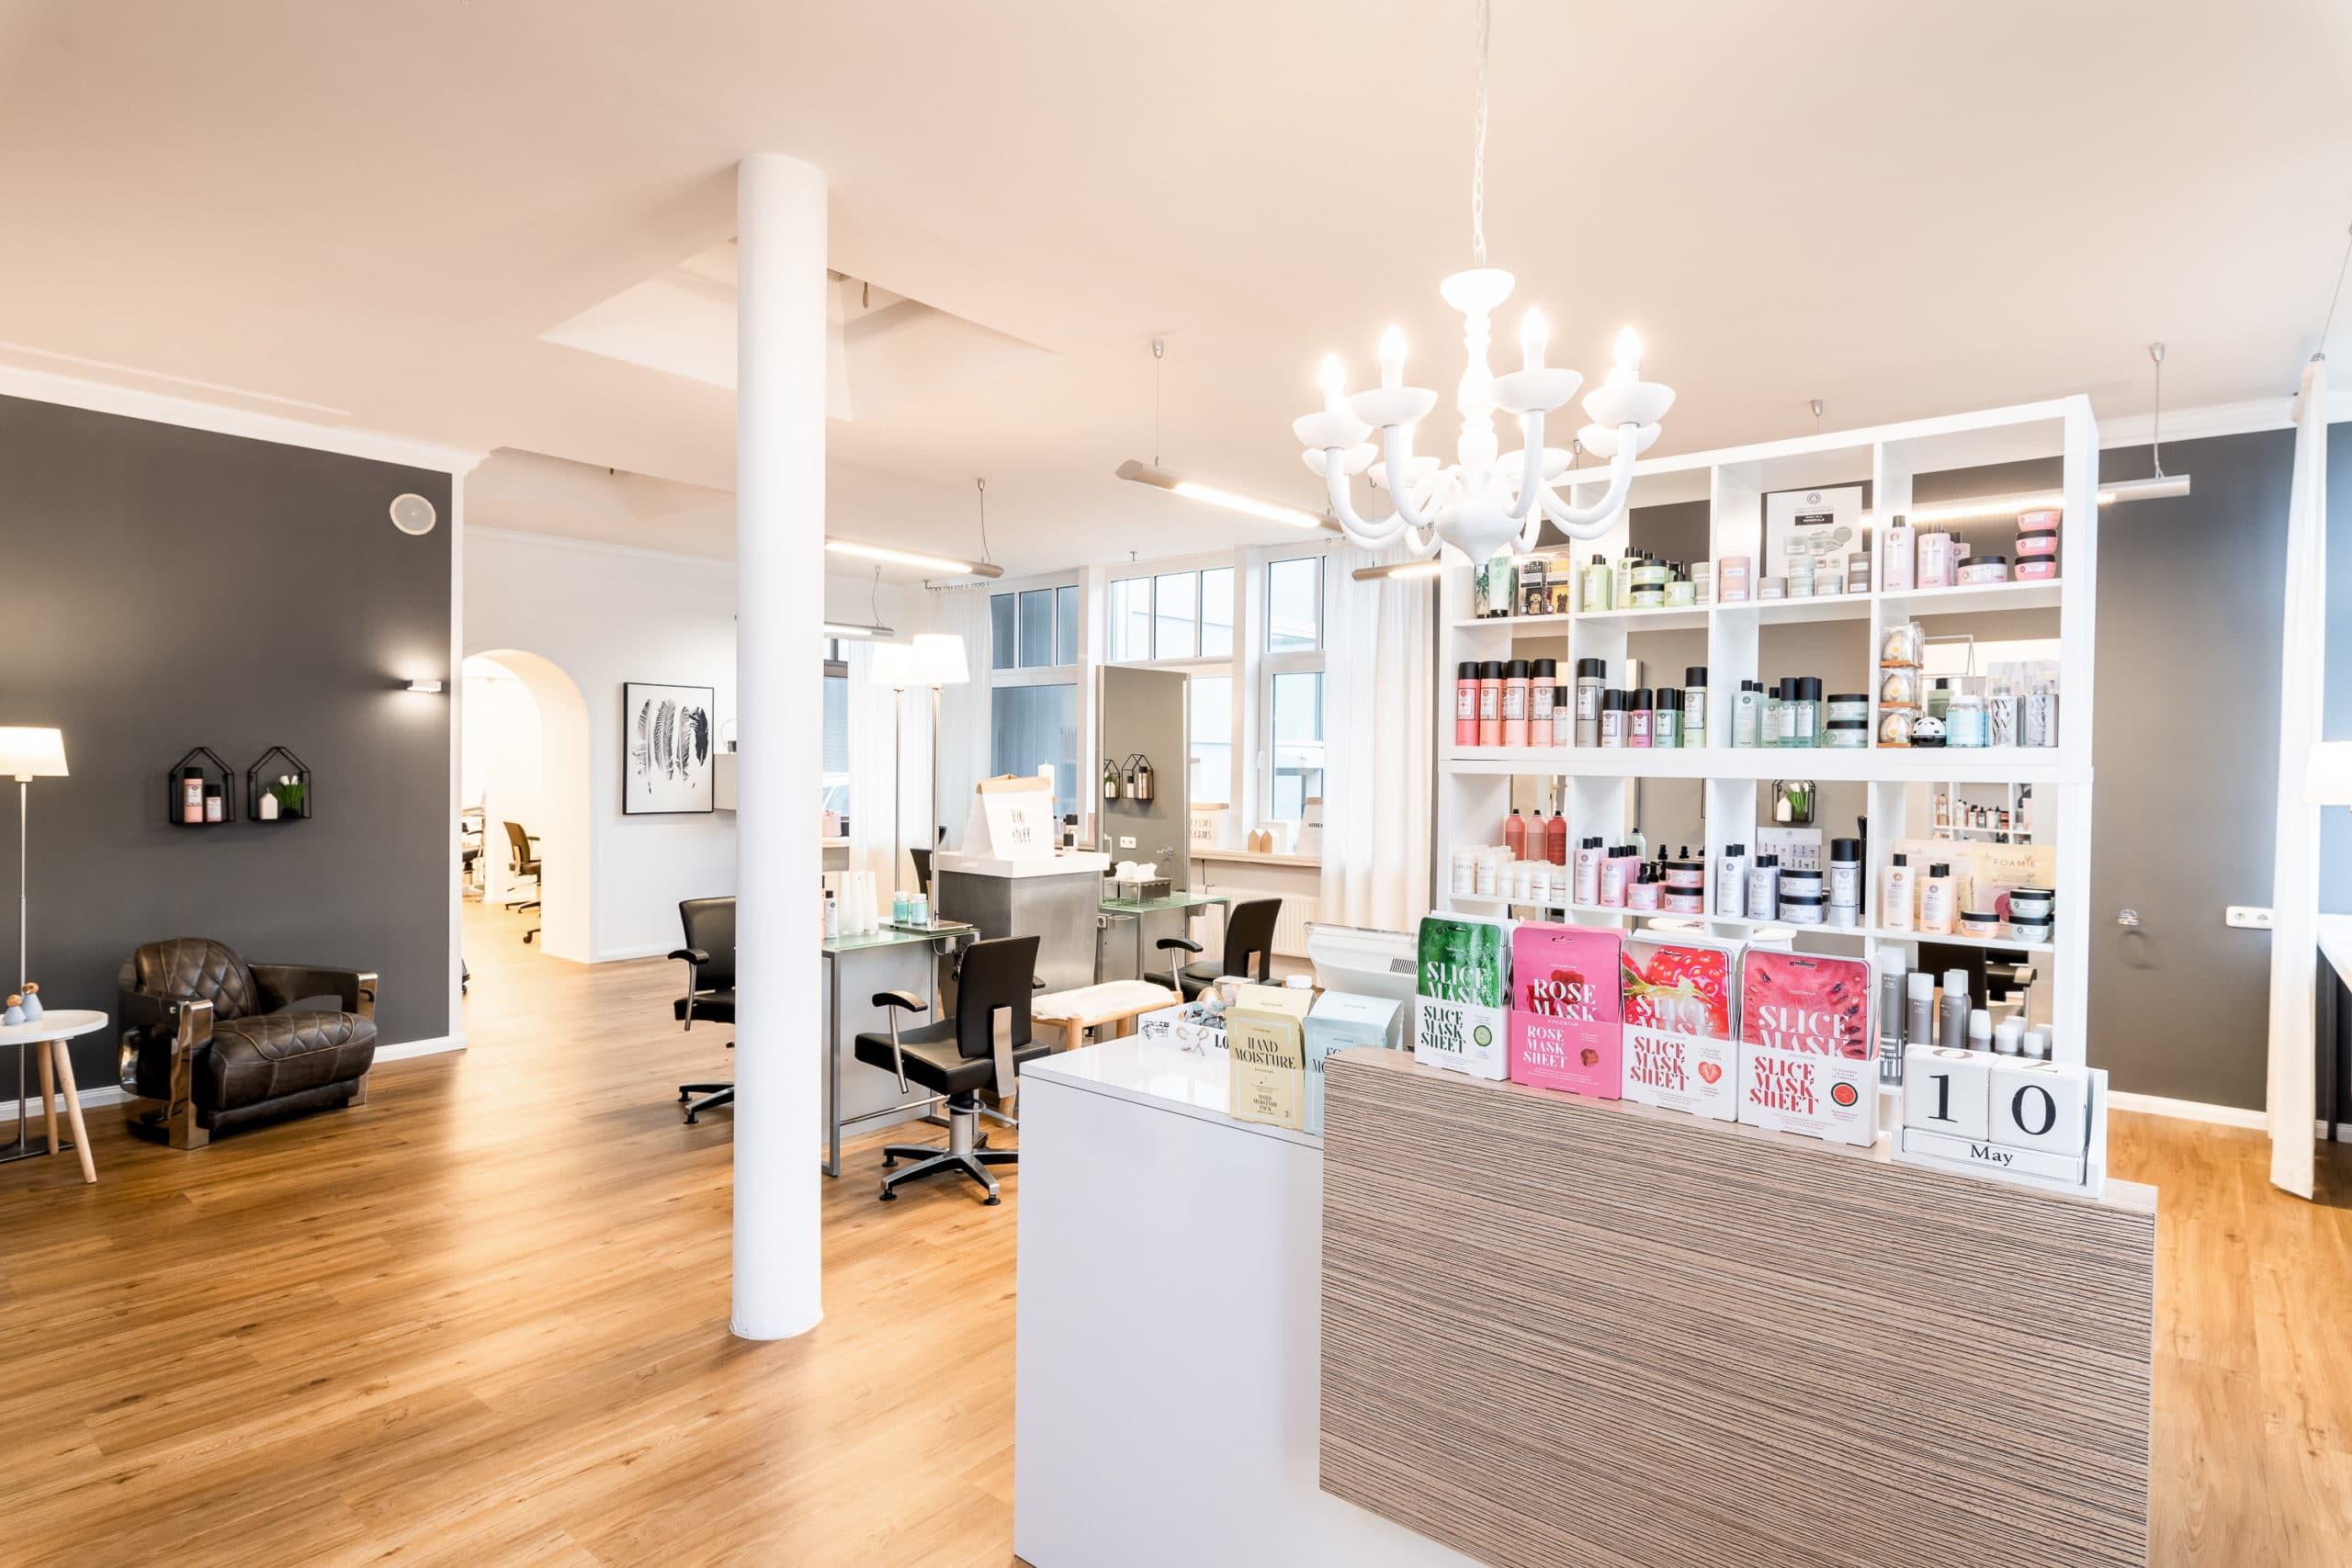 Einladend beleuchtete Innenaufnahme eines modernen Friseur Salons |Architekturfotograf für Unternehmensfotografie in Osnabrück Münster Bielefeld NRW Niedersachsen und bundesweit